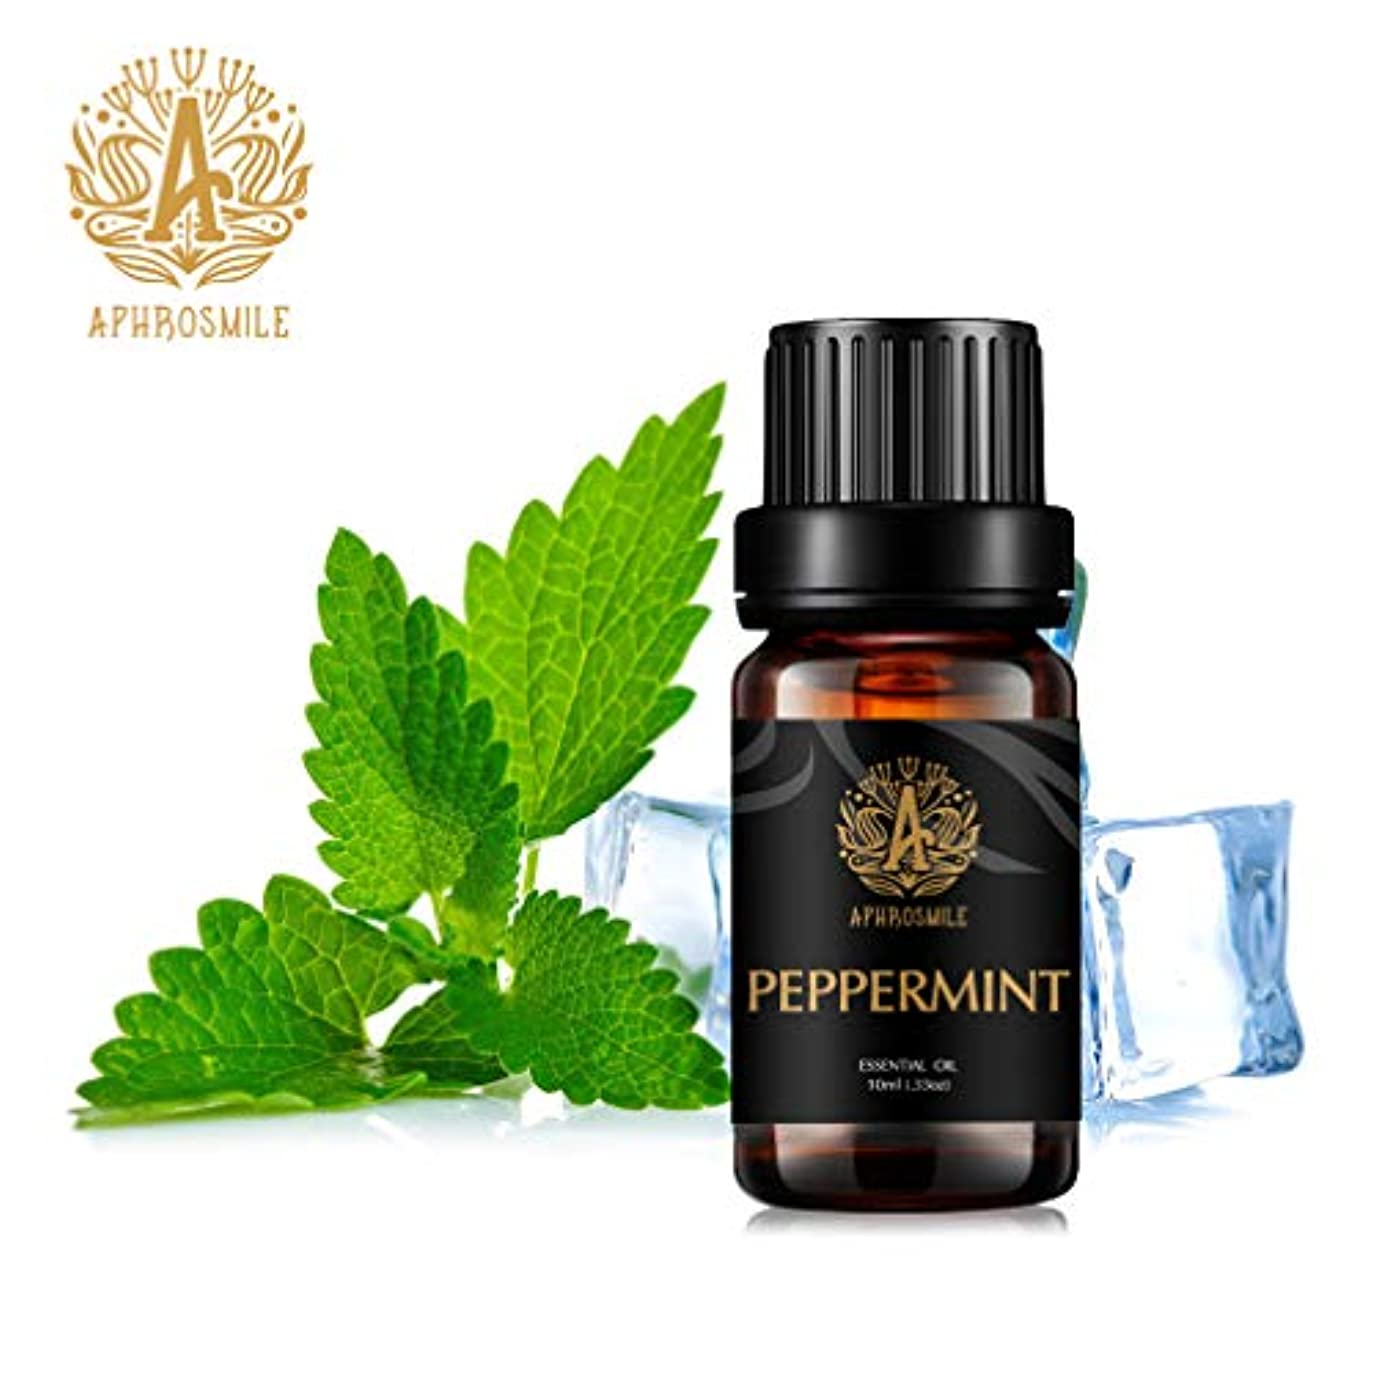 動物ストレンジャー重なるペパーミントの精油、100%純粋なアロマセラピーエッセンシャルオイルペパーミントの香り、明確な思考と、治療用グレードエッセンシャルオイルペパーミントの香り為にディフューザー、マッサージ、加湿器、デイリーケア、0.33オンス...